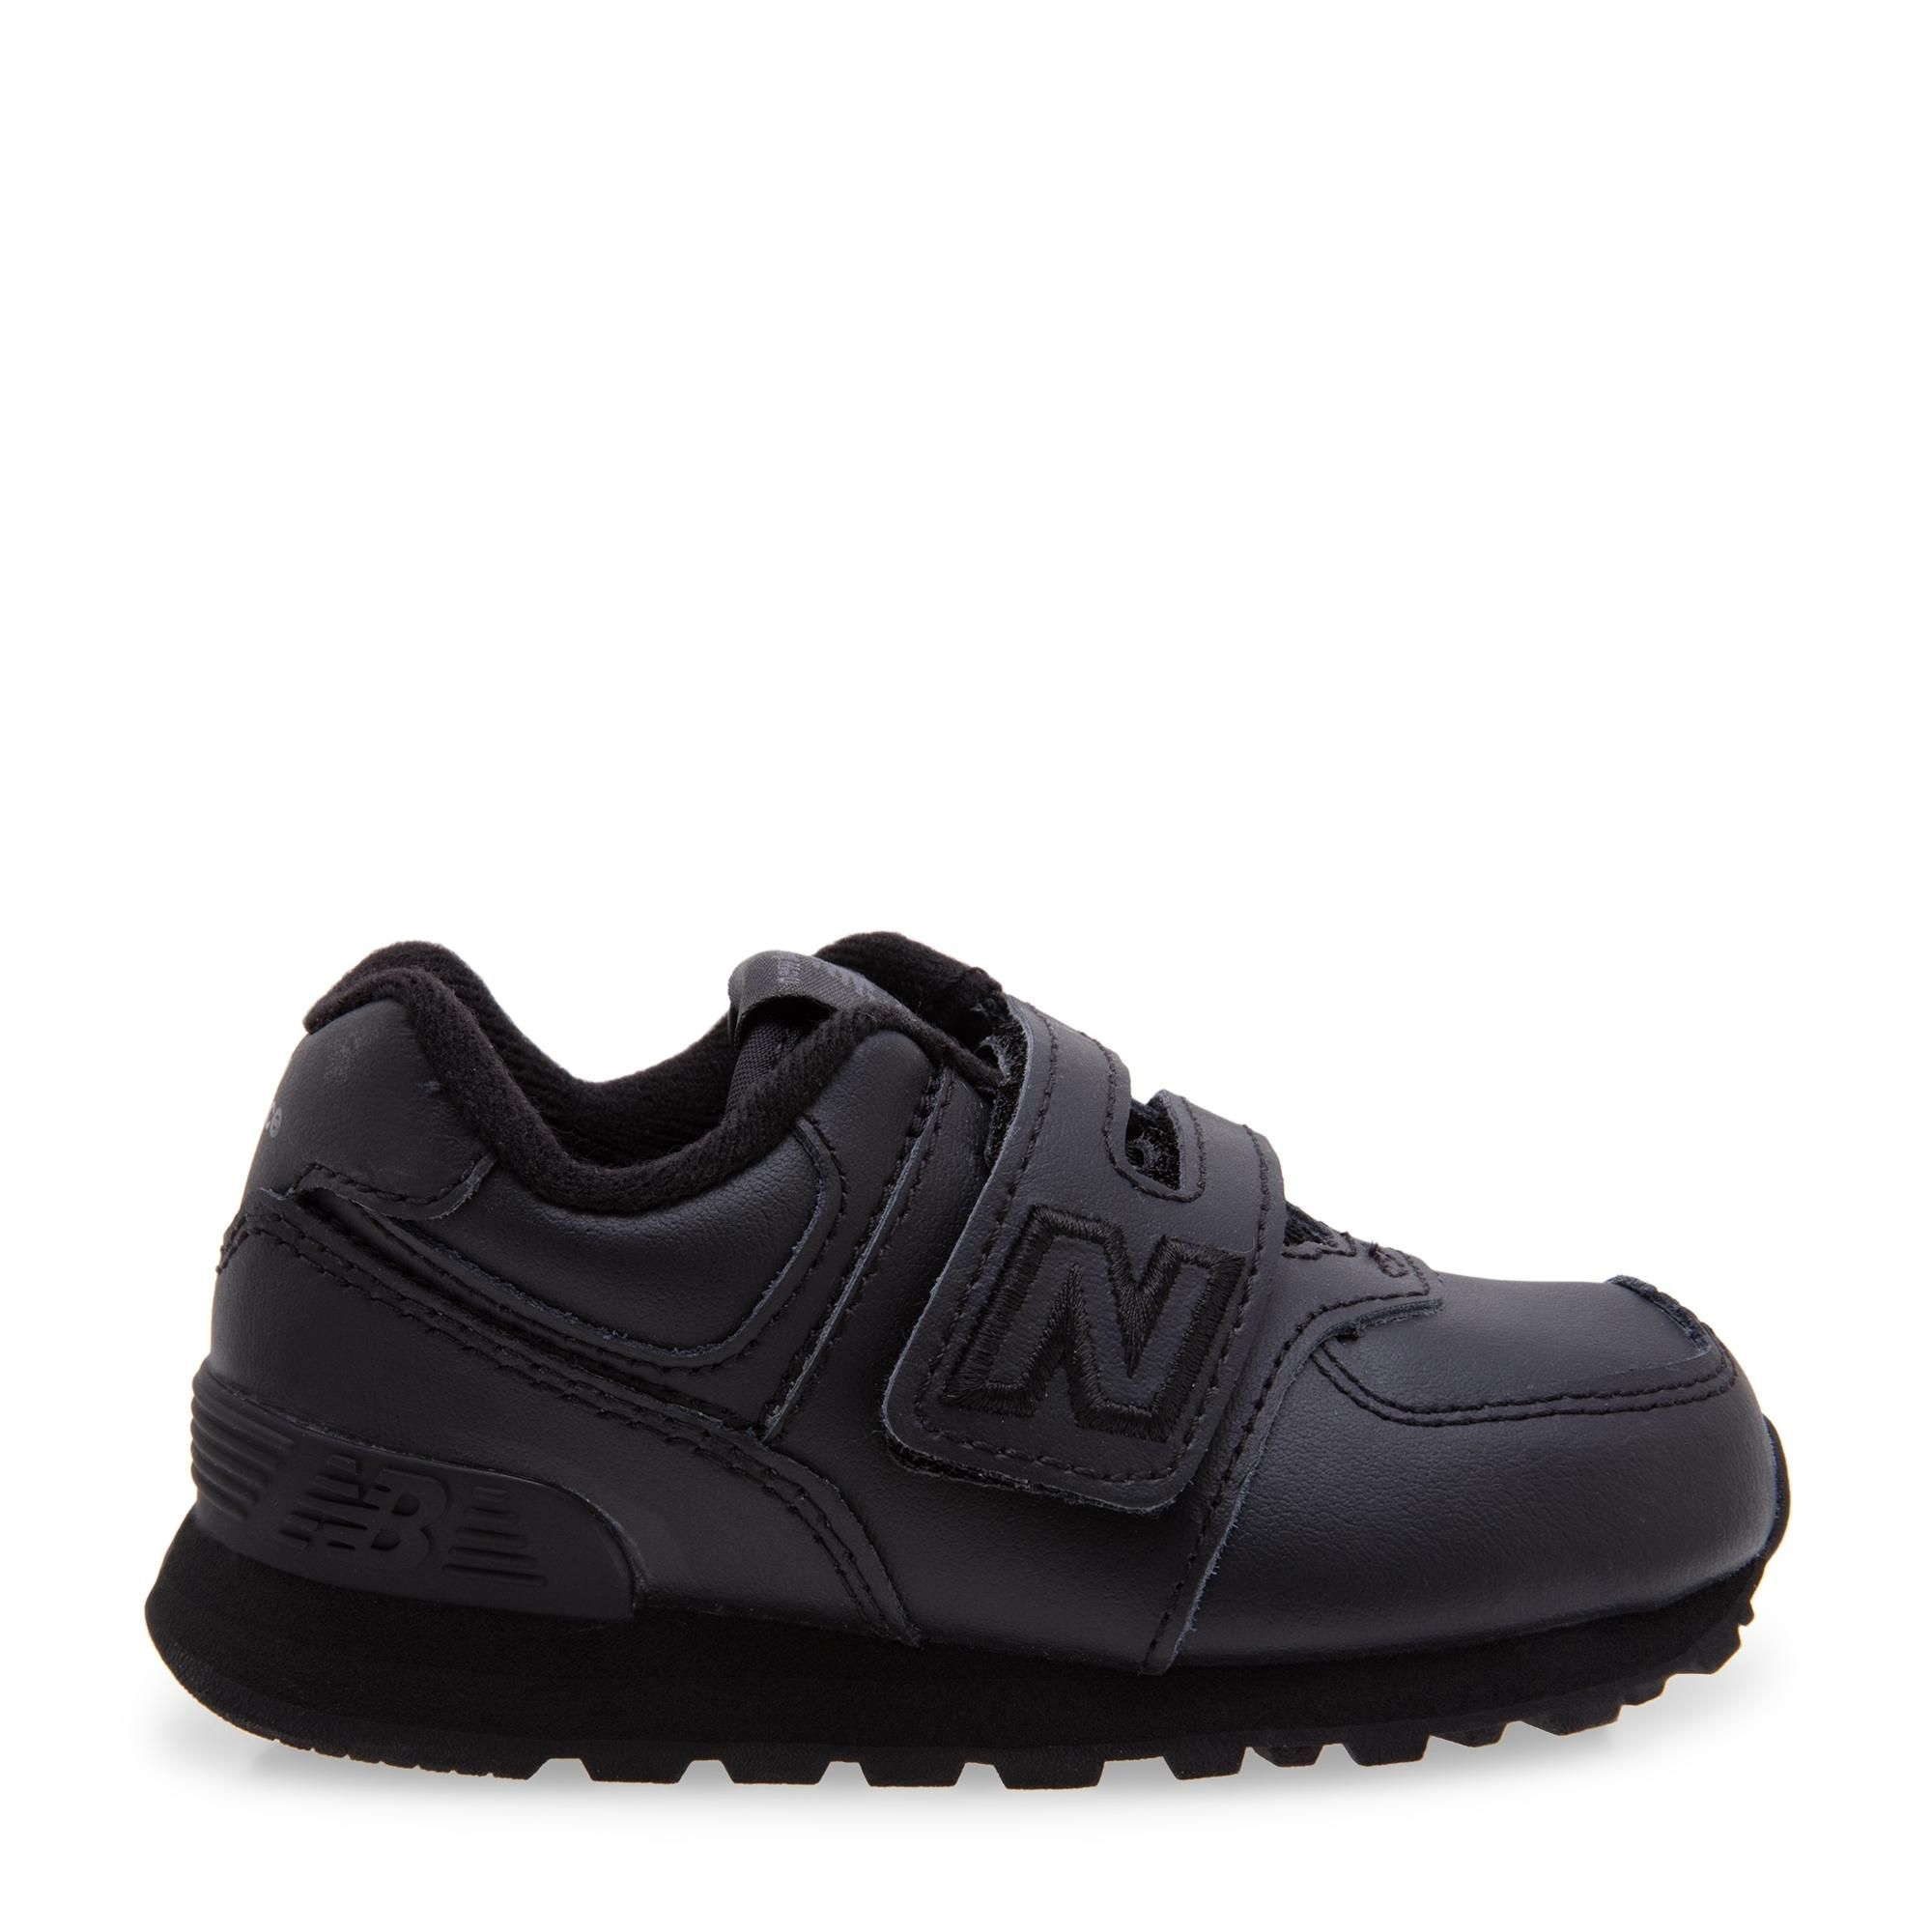 574 sneakers